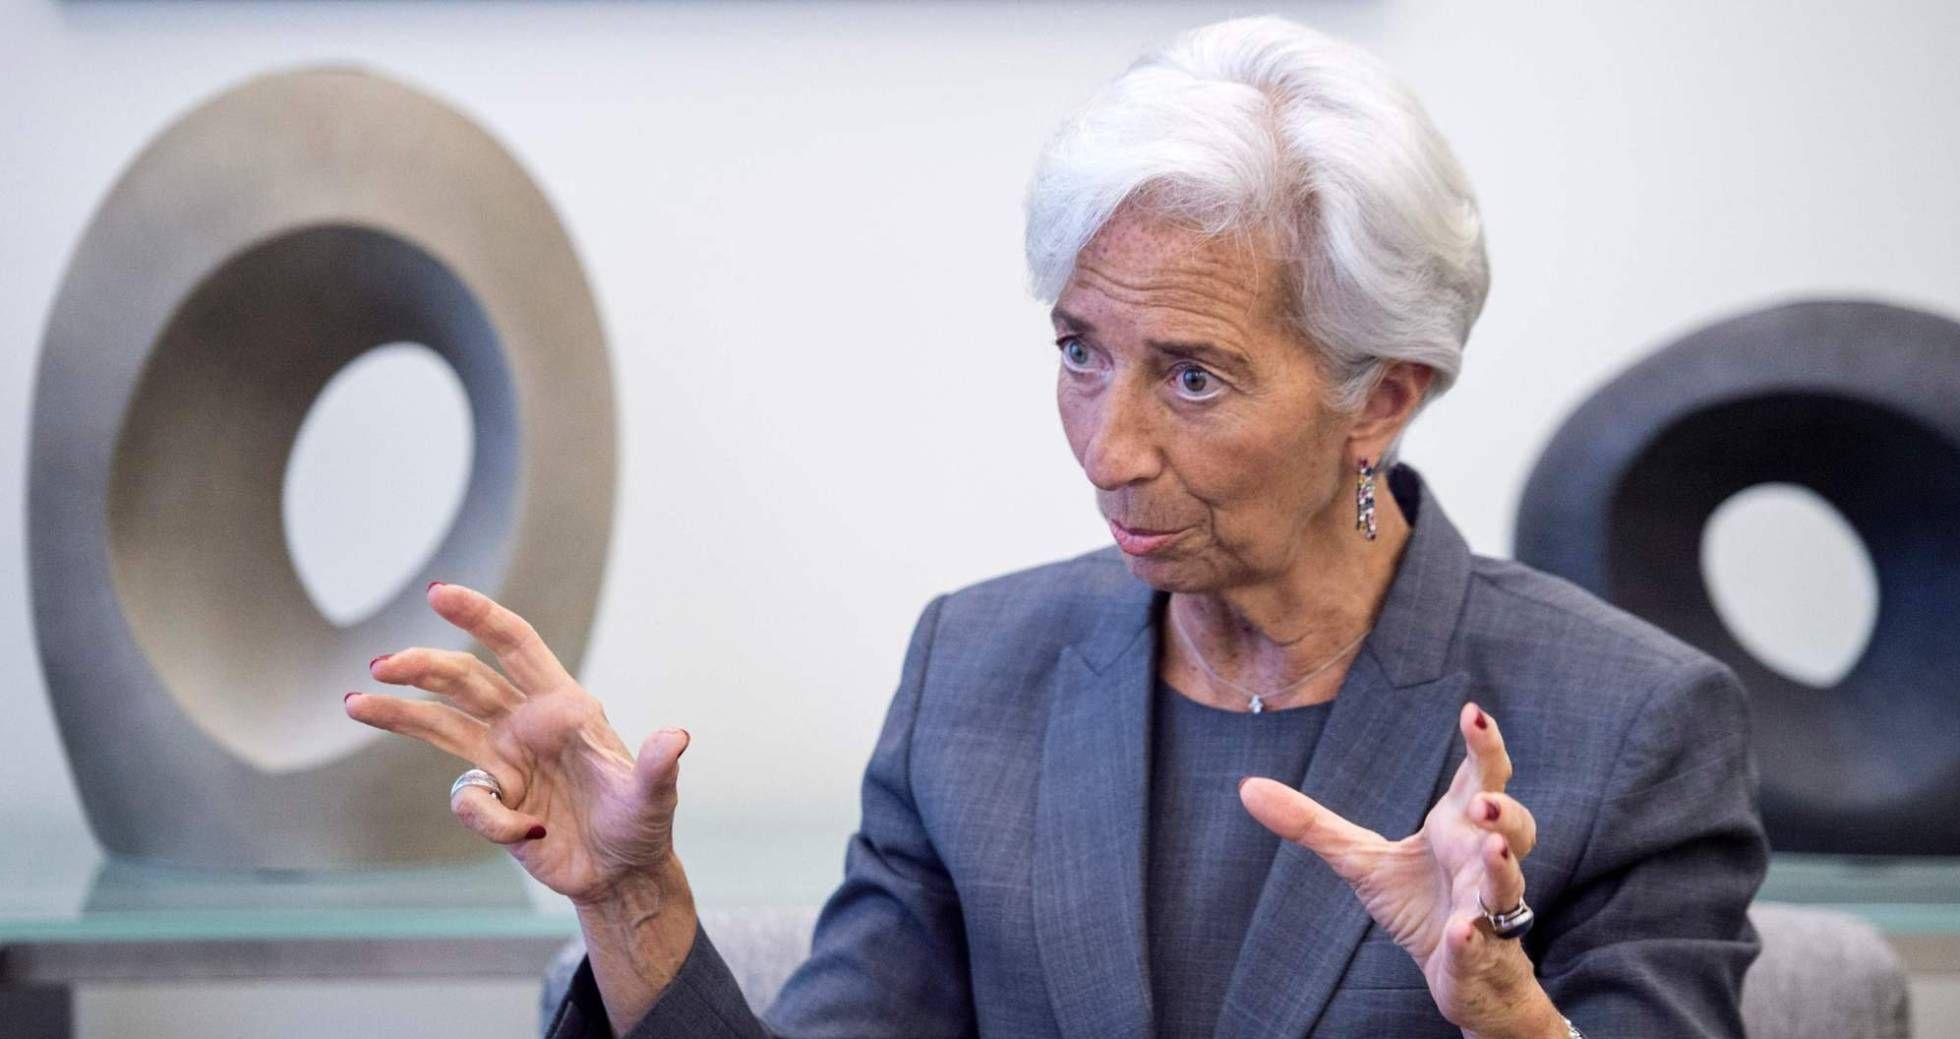 El FMI destaca la desigualdad en Estados Unidos y pide a Francia más medidas para reducir el déficit y crear empleoANTONIO MAQUEDALa directora gerente del FMI, Christine Lagarde.La directora gerente del FMI, Christine Lagarde. PAUL J. RICHARDS AFPEl Fondo Monetario Internacional continúa con su labor de Pepito Grillo de los asuntos económicos. Y esta vez le ha tocado el turno a Estados Unidos y Francia. Sobre la economía estadounidense, el...